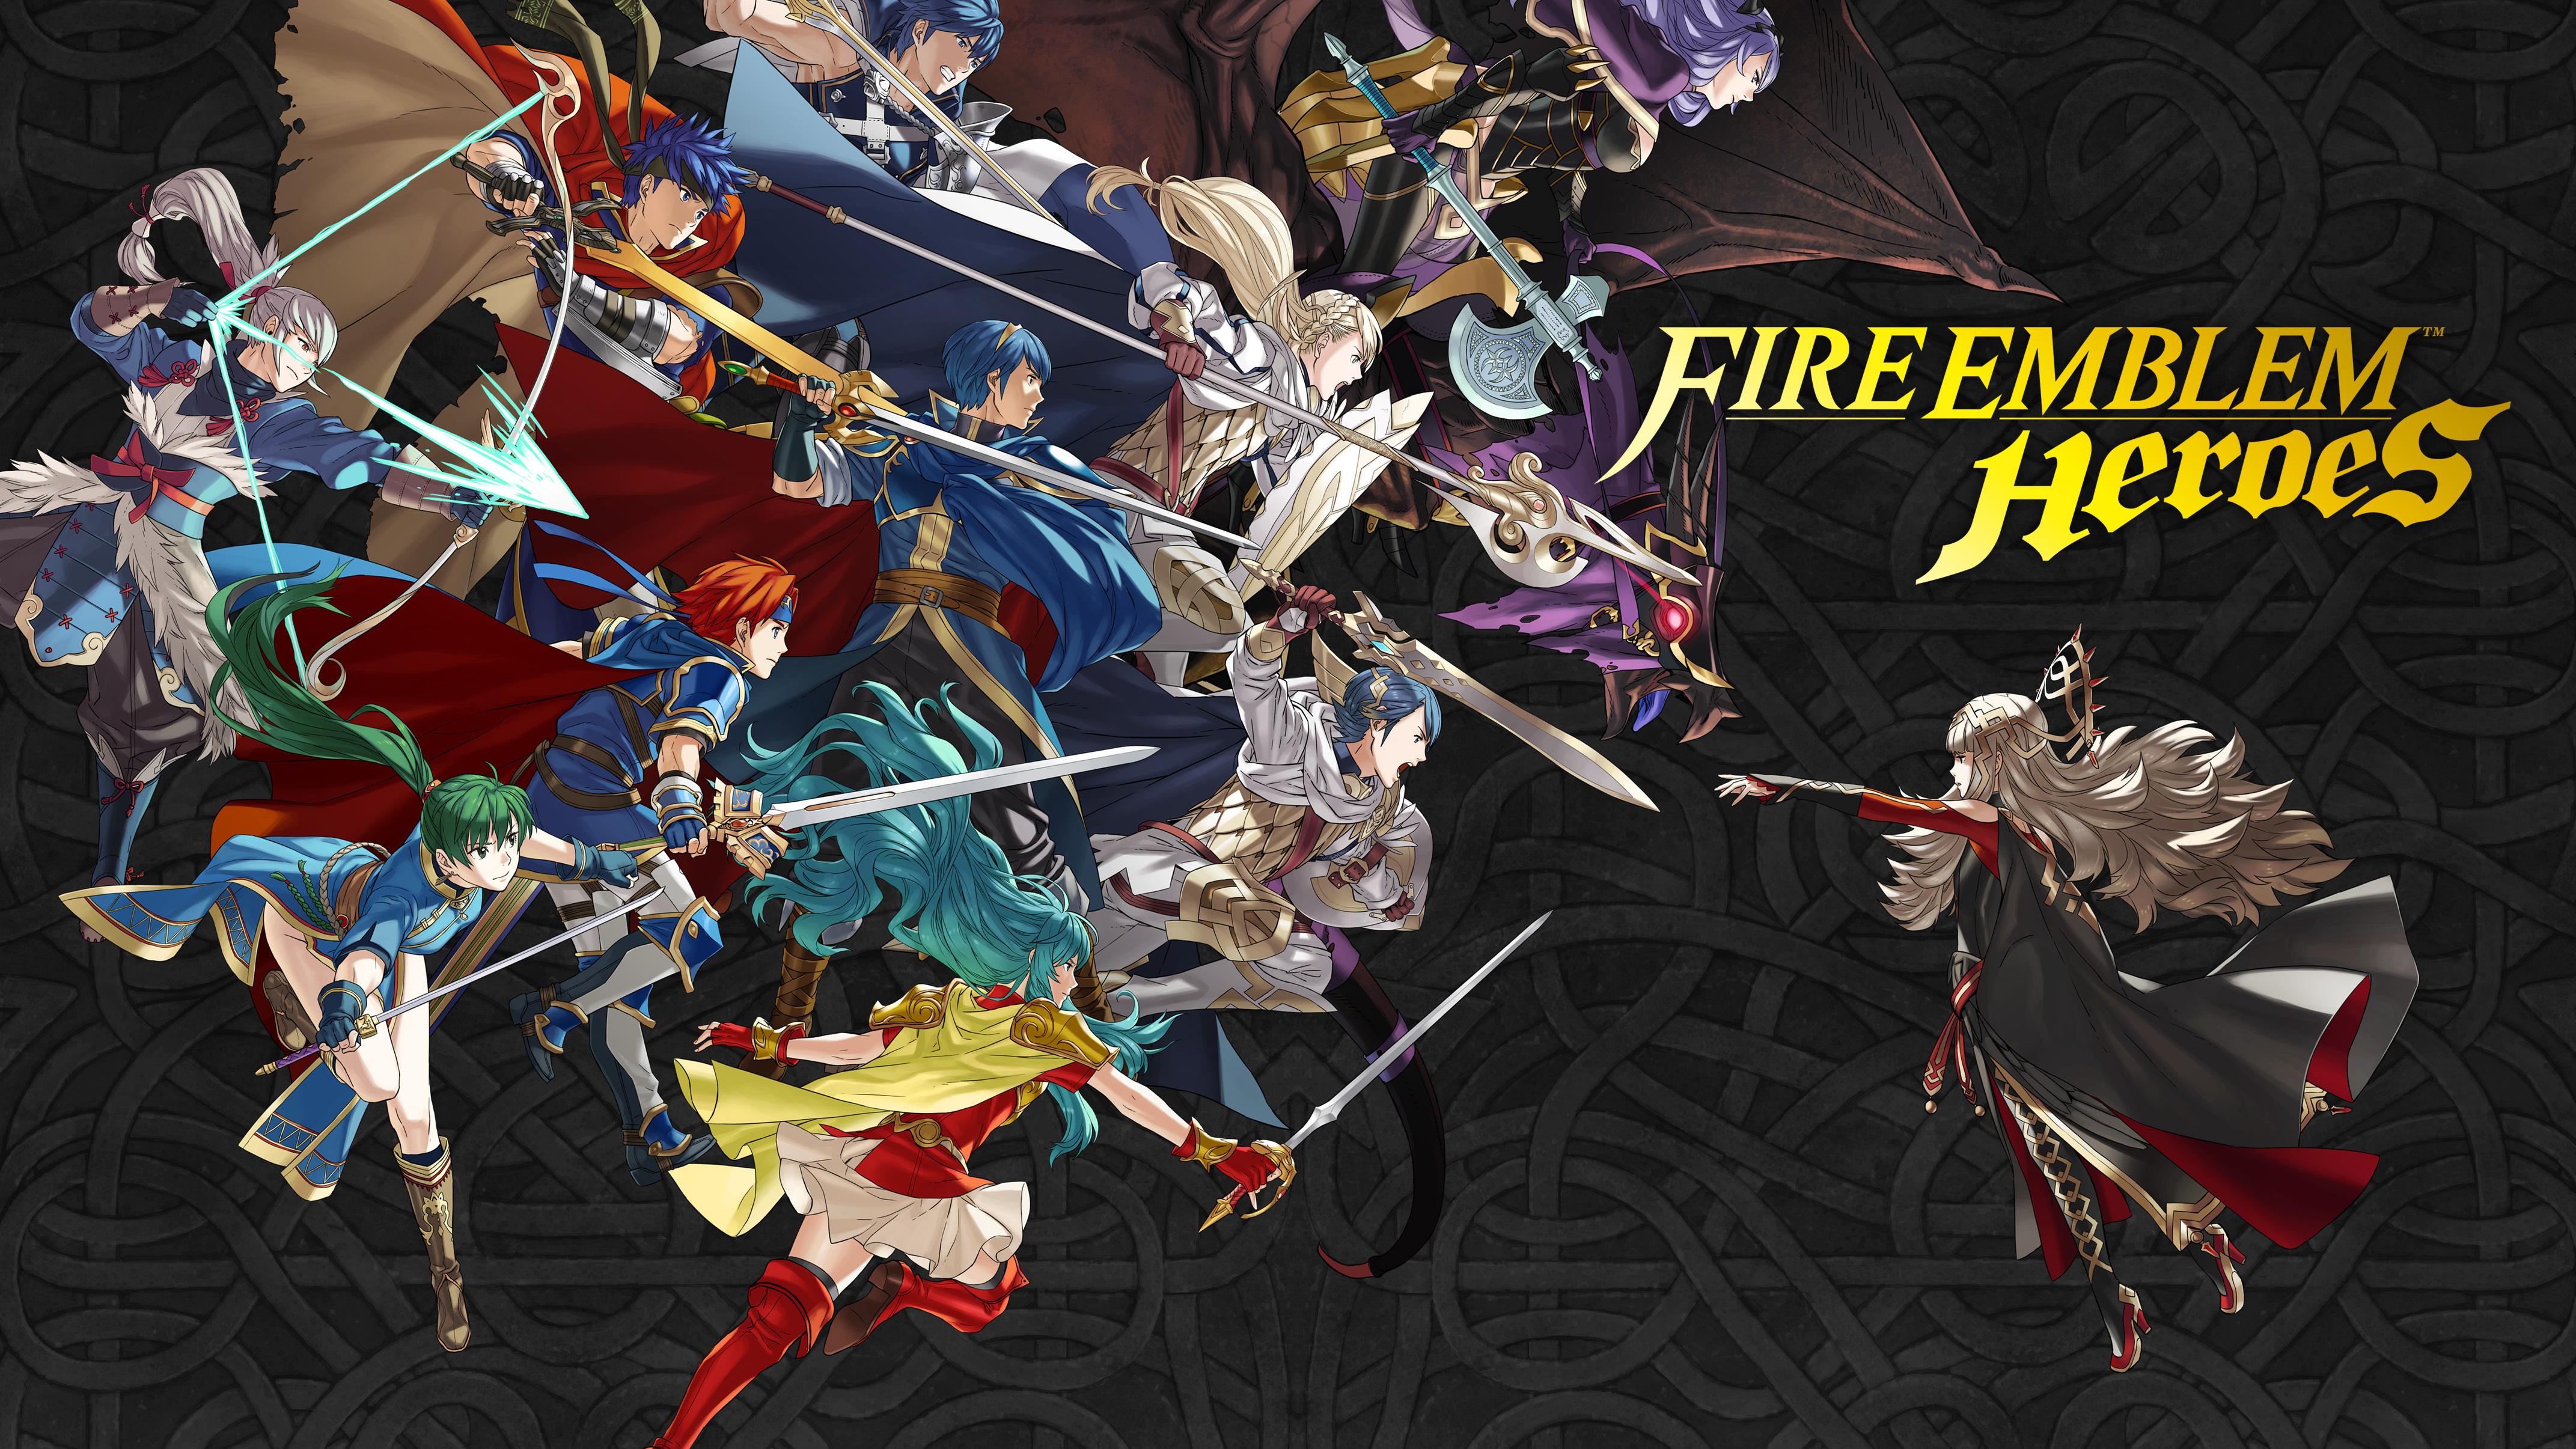 [Fire Emblem Heroes] สมรภูมิใหม่ของเหล่าฮีโร่บนสมาร์ทโฟน